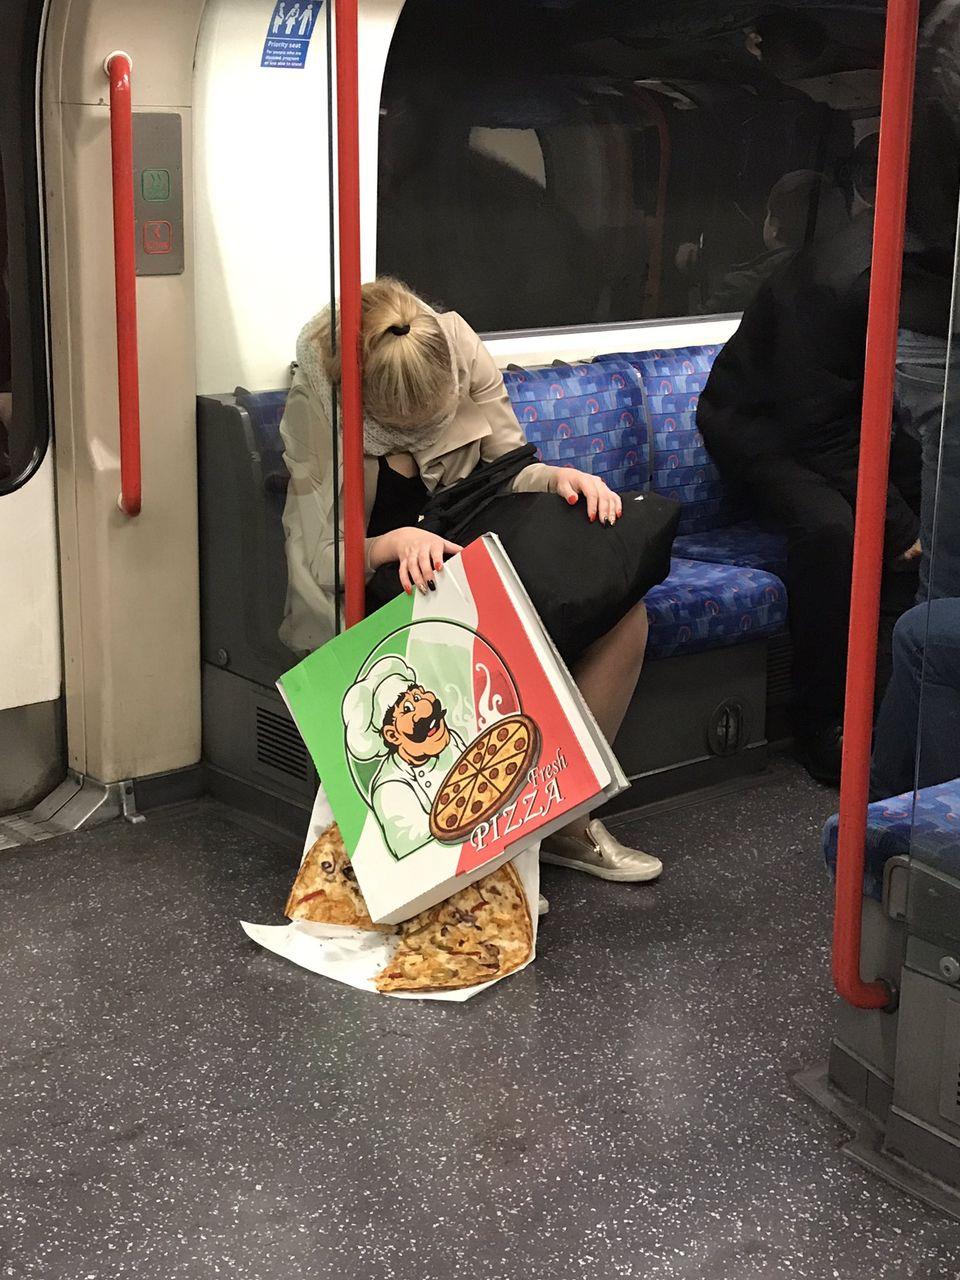 【悲報】まんさん、電車内でピザをぶちまけてしまうwwwwww